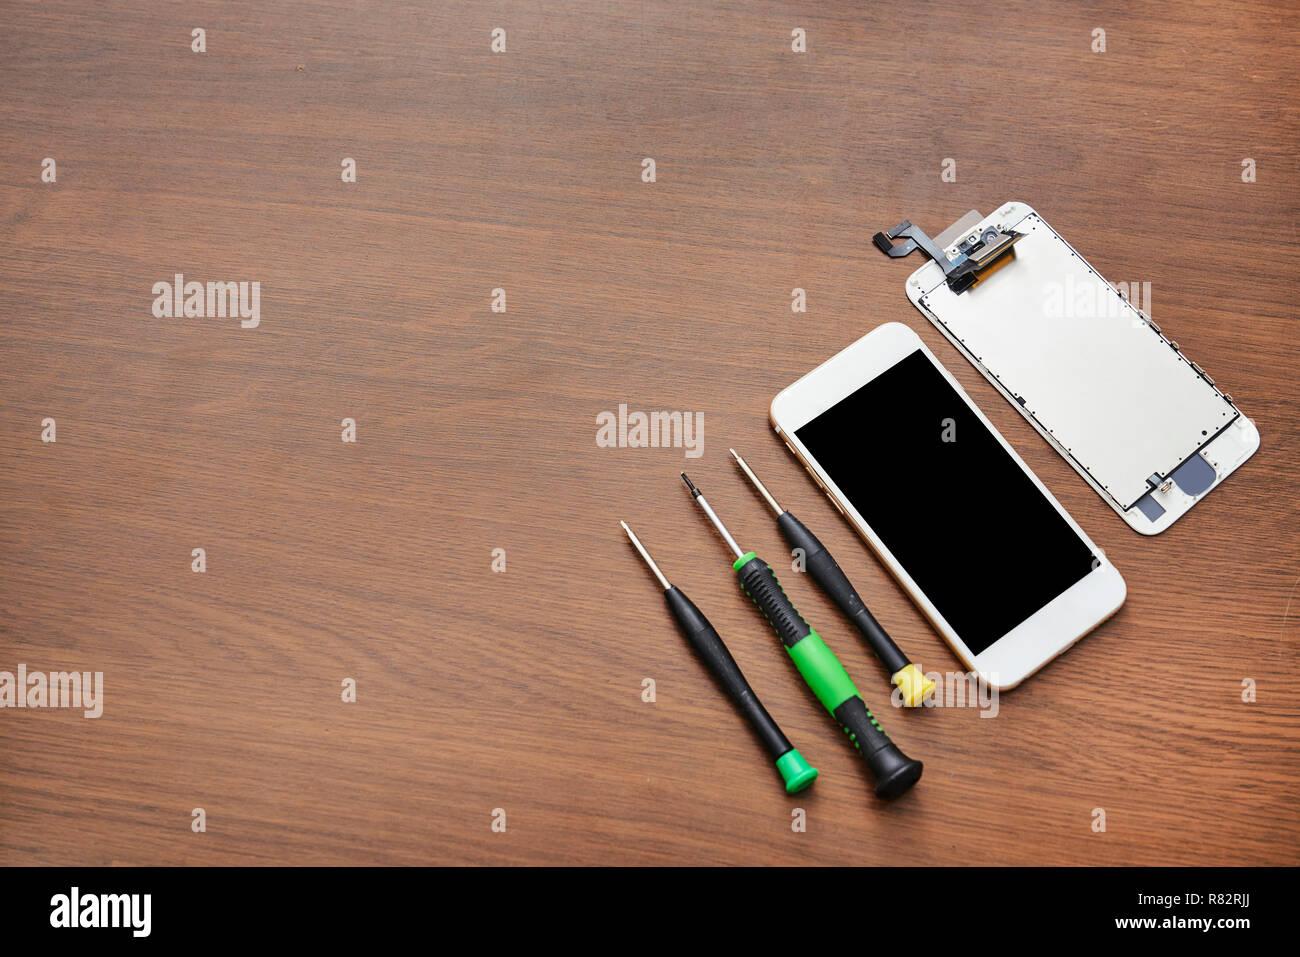 defekt smartphone with repair tool - Stock Image